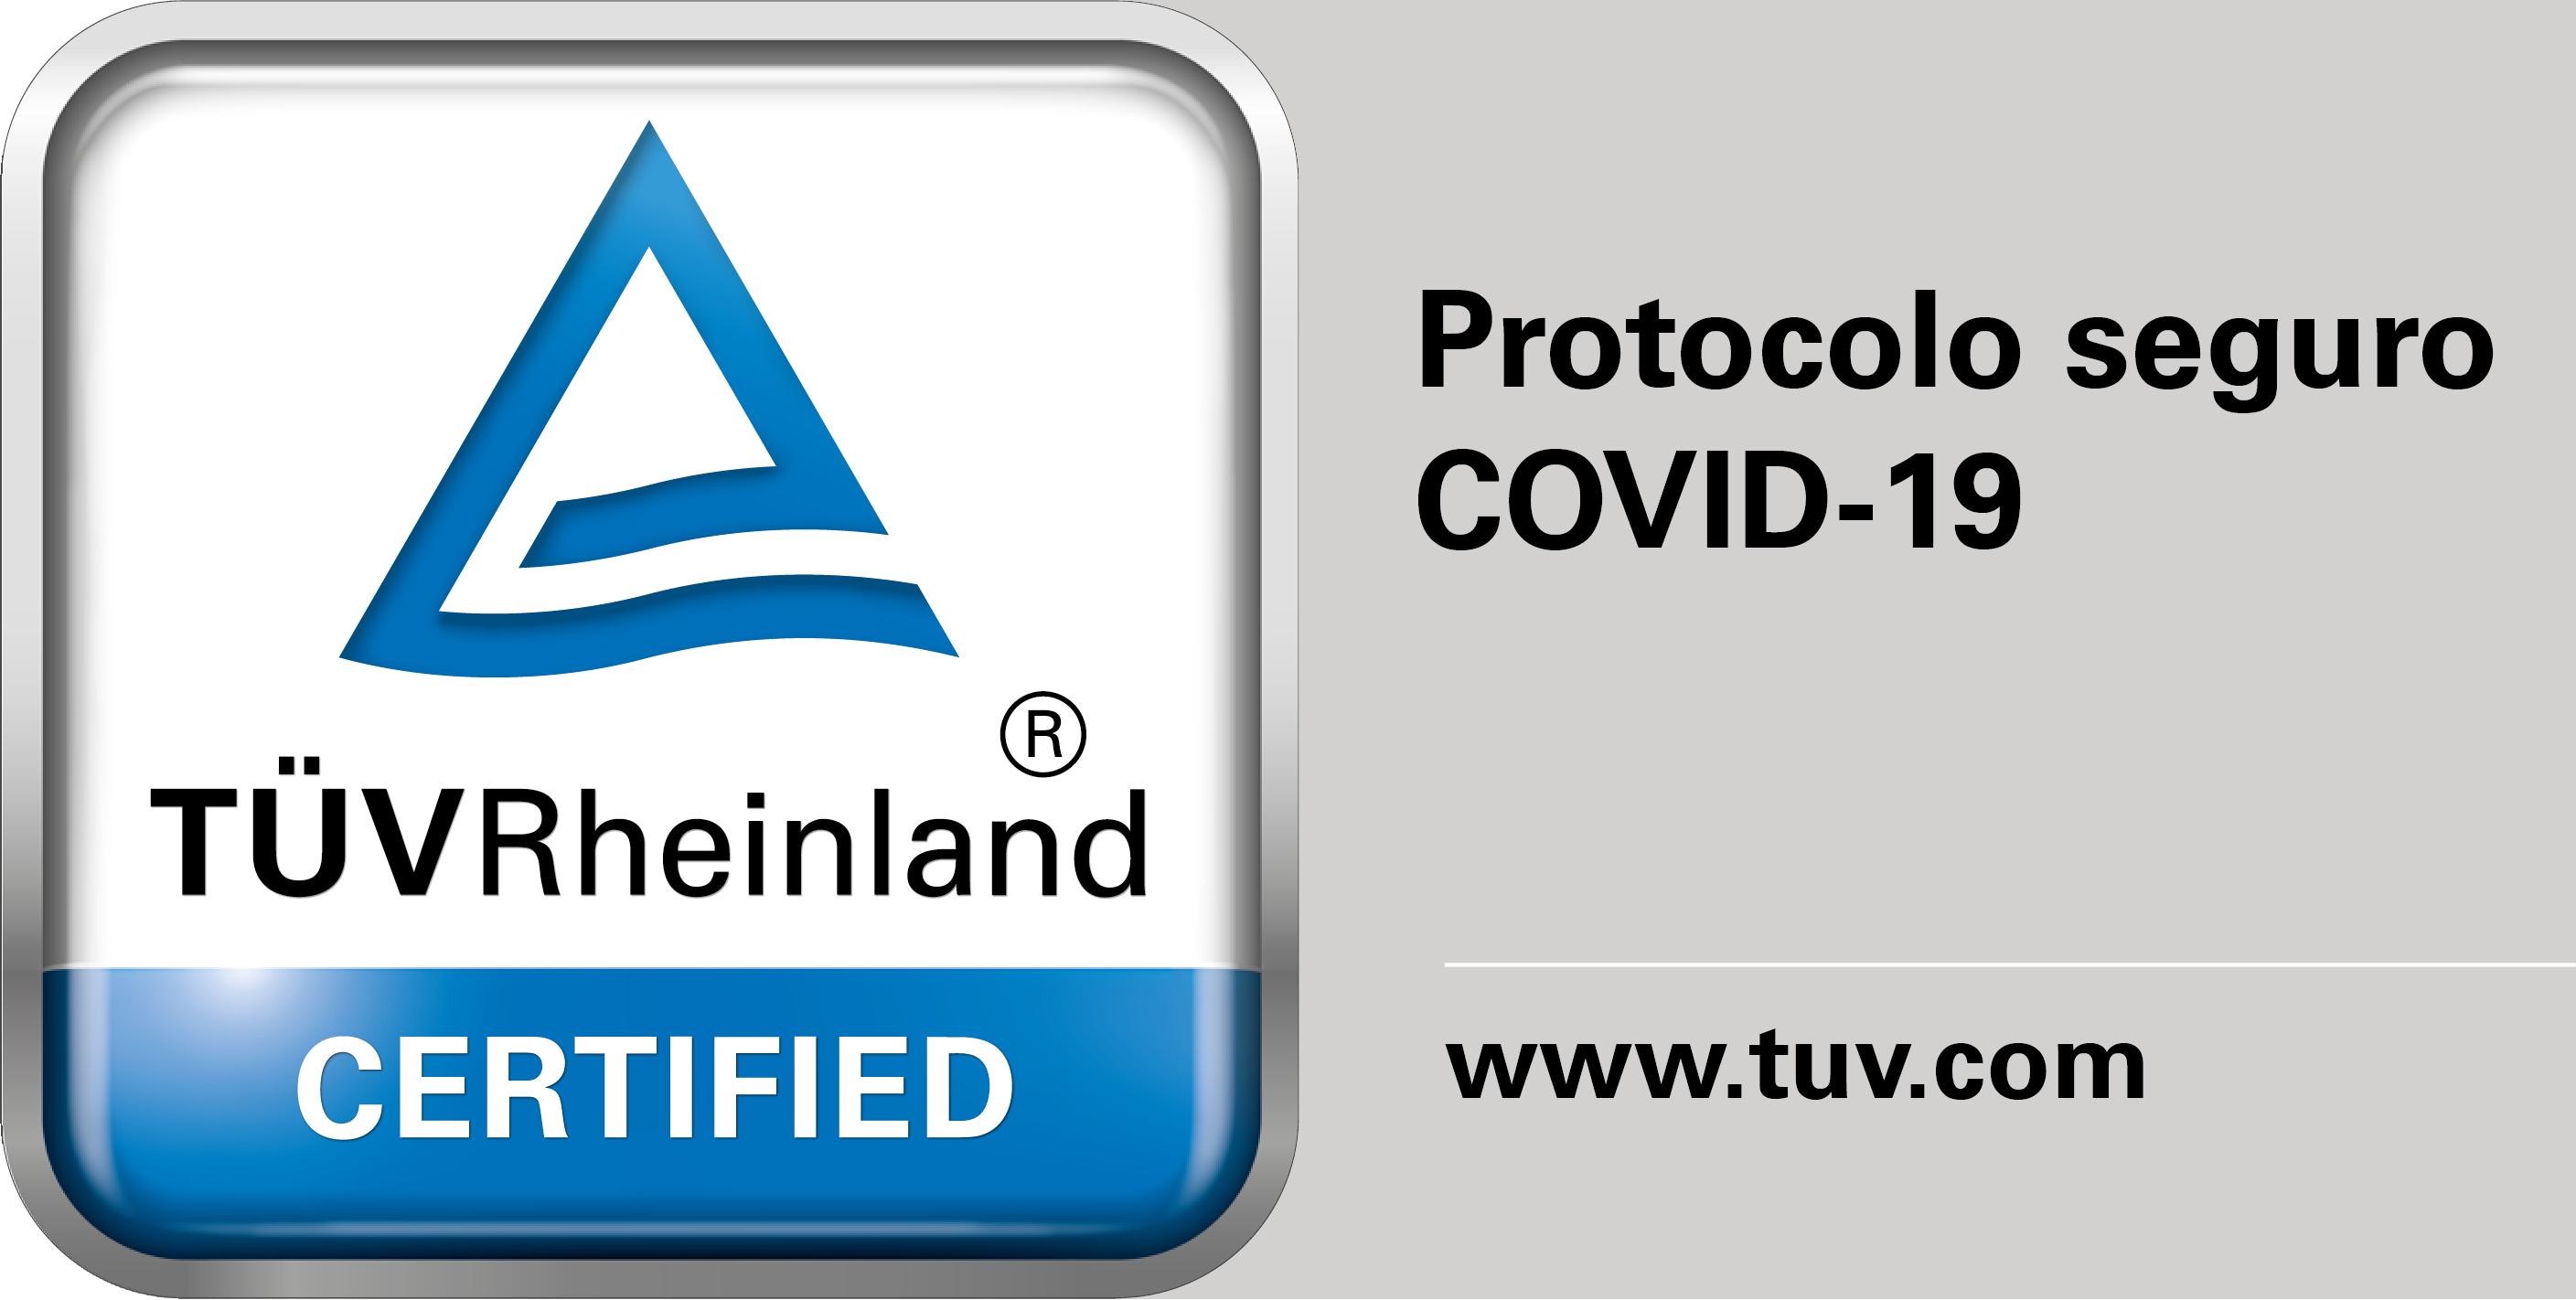 Certificado Protocolo Seguro COVID-19